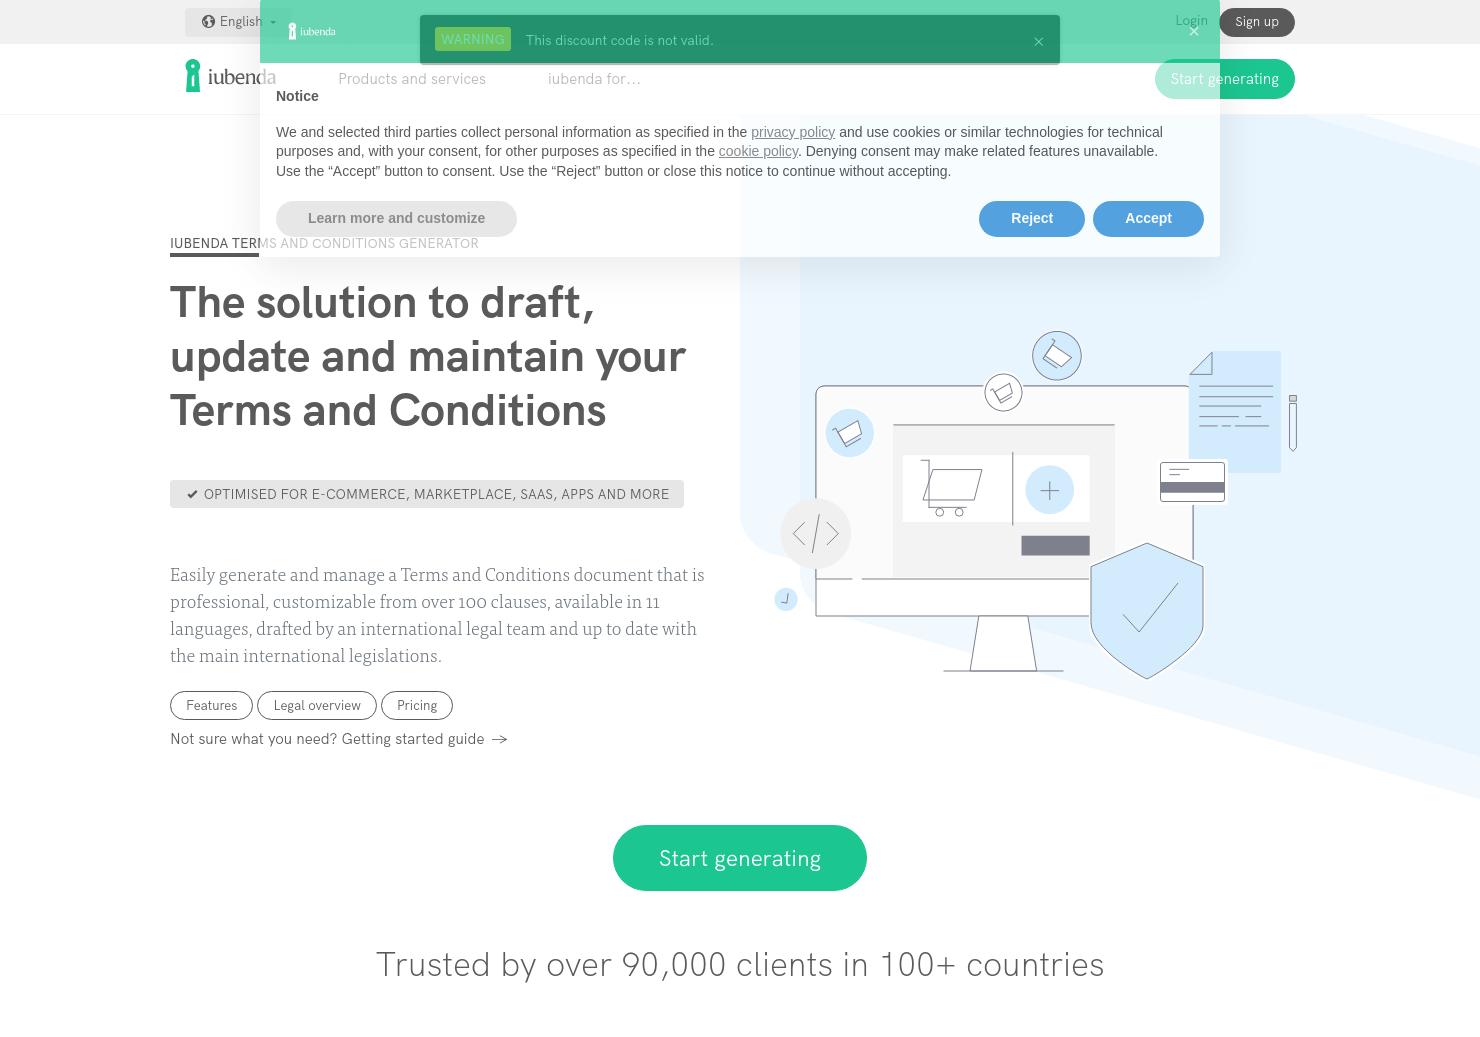 ?max width=300&url=https%3a%2f%2fwww.iubenda